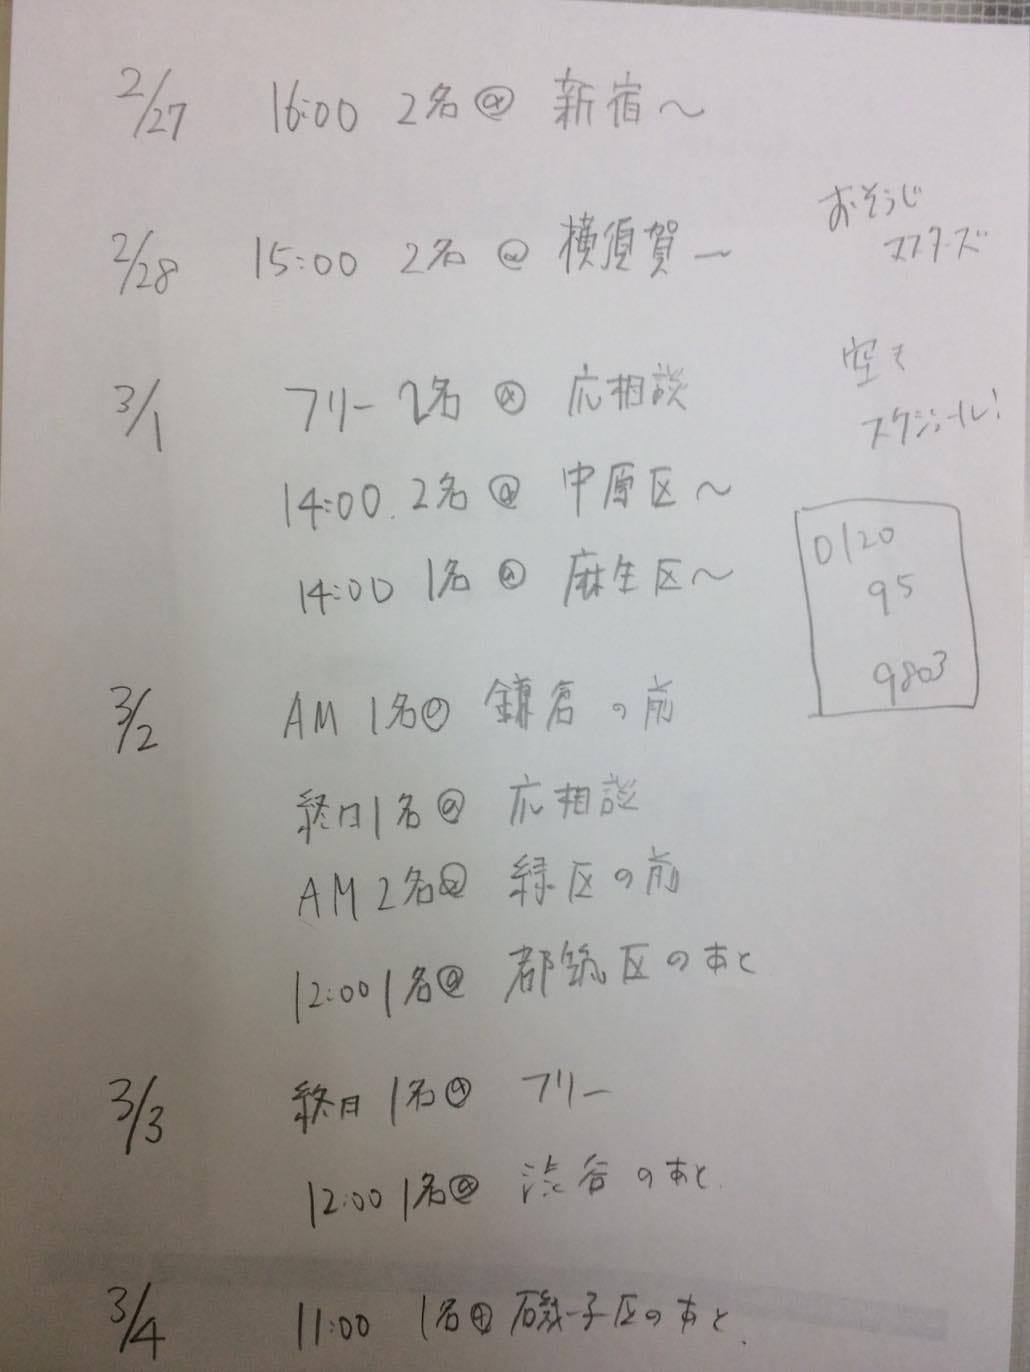 最短の空きスケジュール(ハウスクリーニングの「おそうじマスターズ」/横浜・川崎)